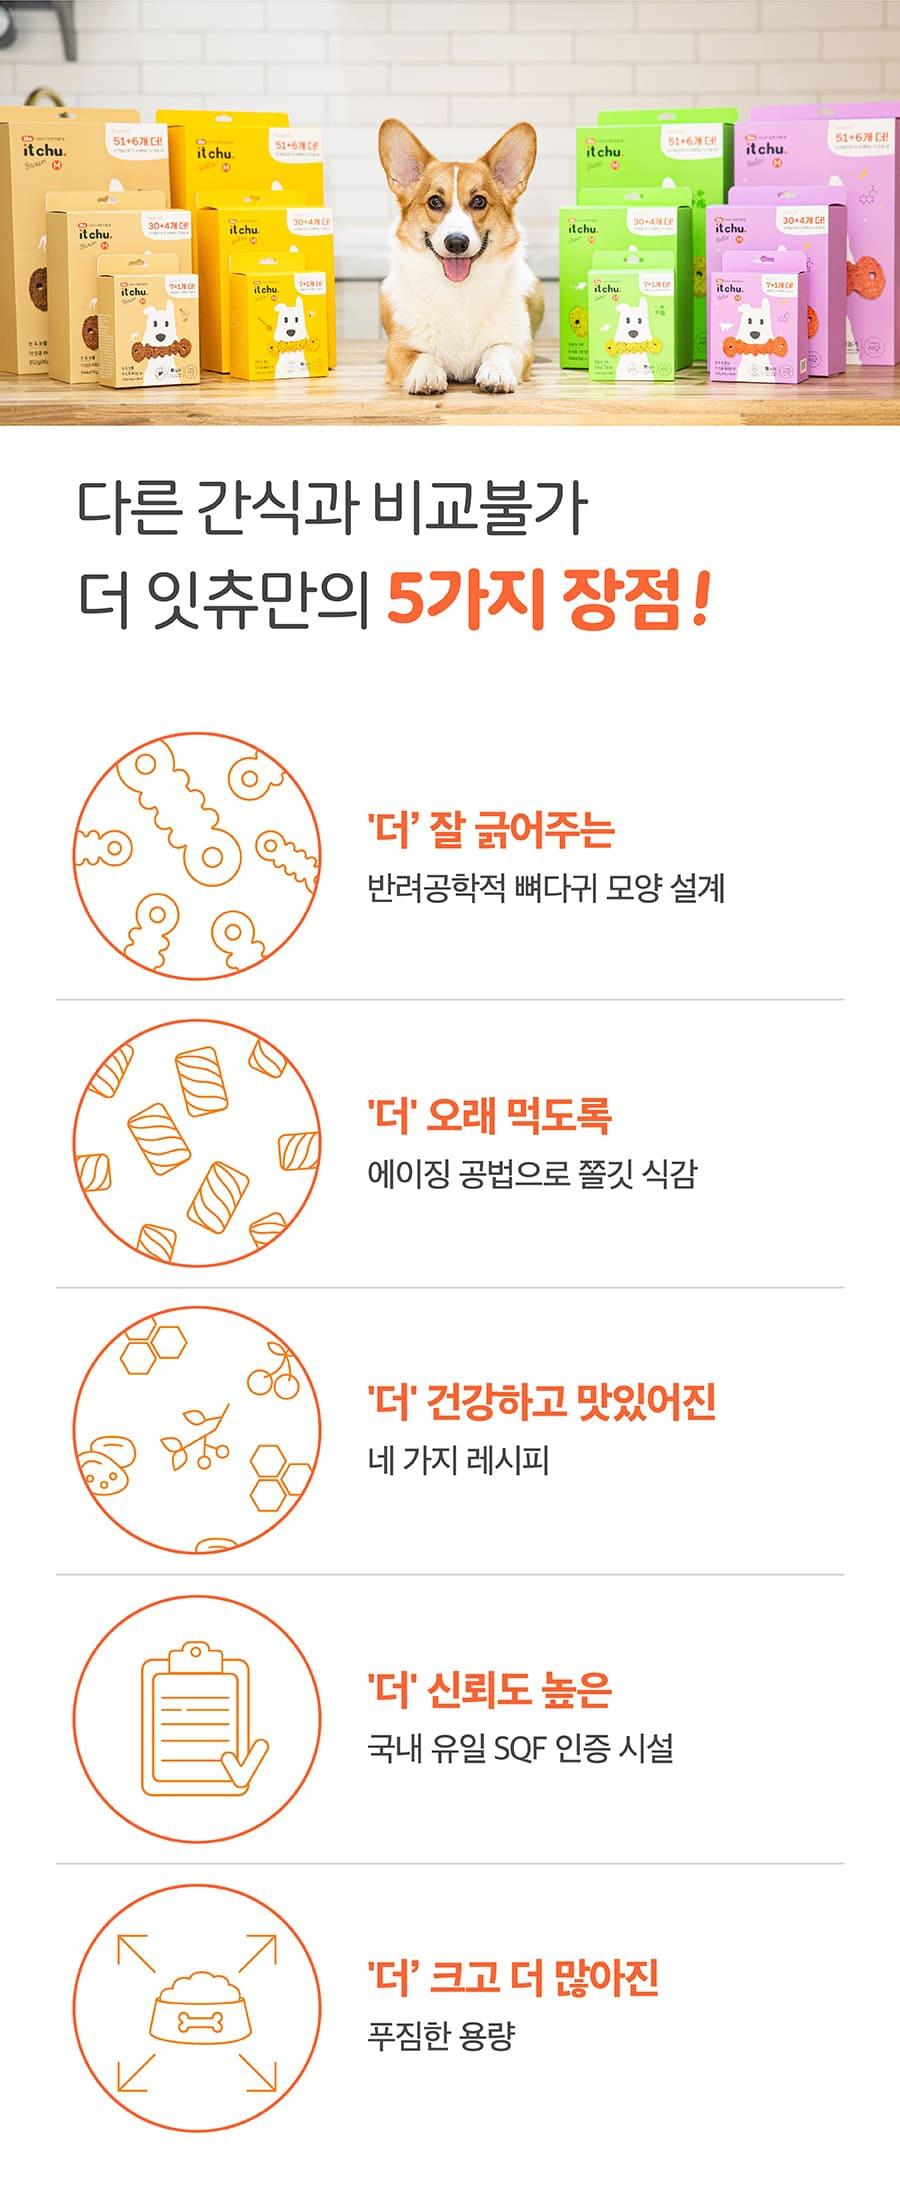 [오구오구특가]it 더 잇츄 옐로우 s (10개입)-상품이미지-4